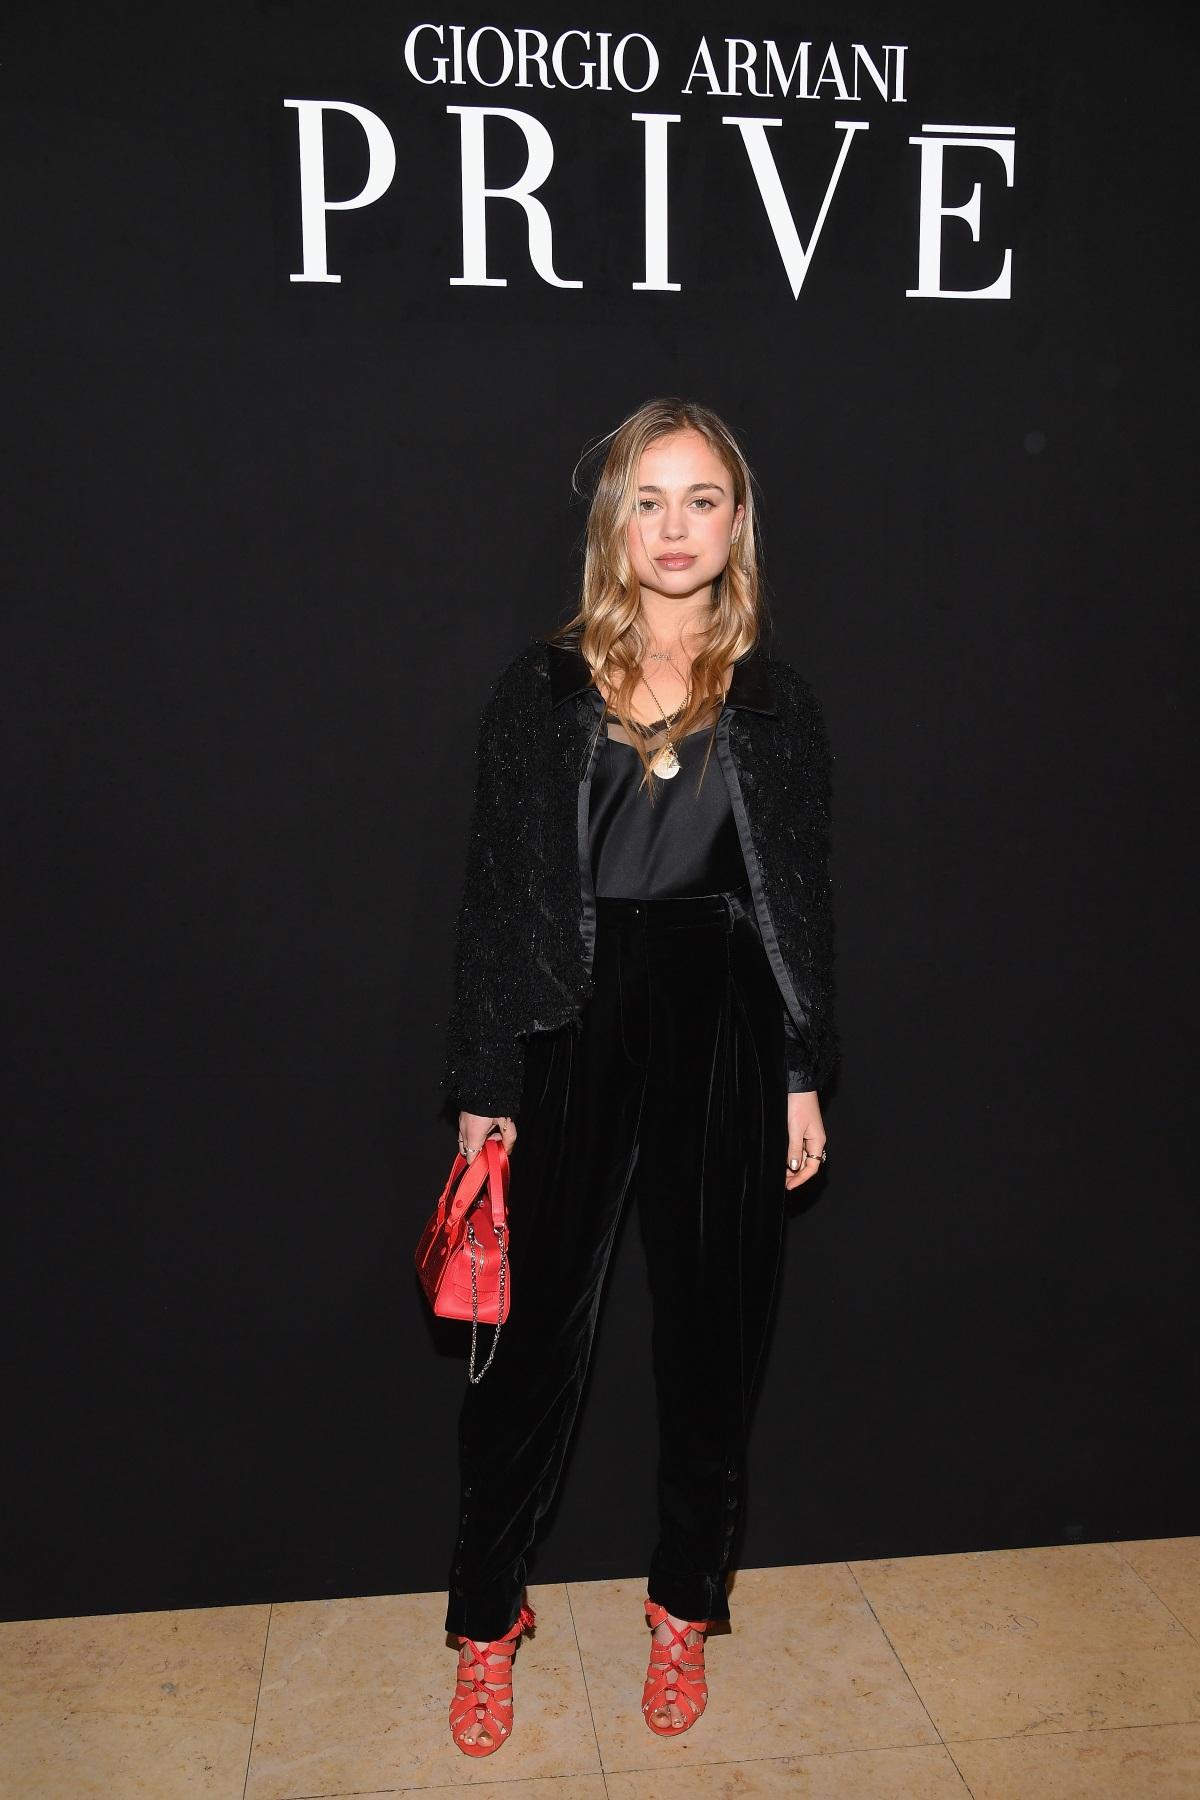 Амелия Уиндзор е трета братовчедка на принцовете Уилям и Хари. Известна е с проявите си като модел, а сп. Тatler я обявява за най-красивата персона от кралското семейство.